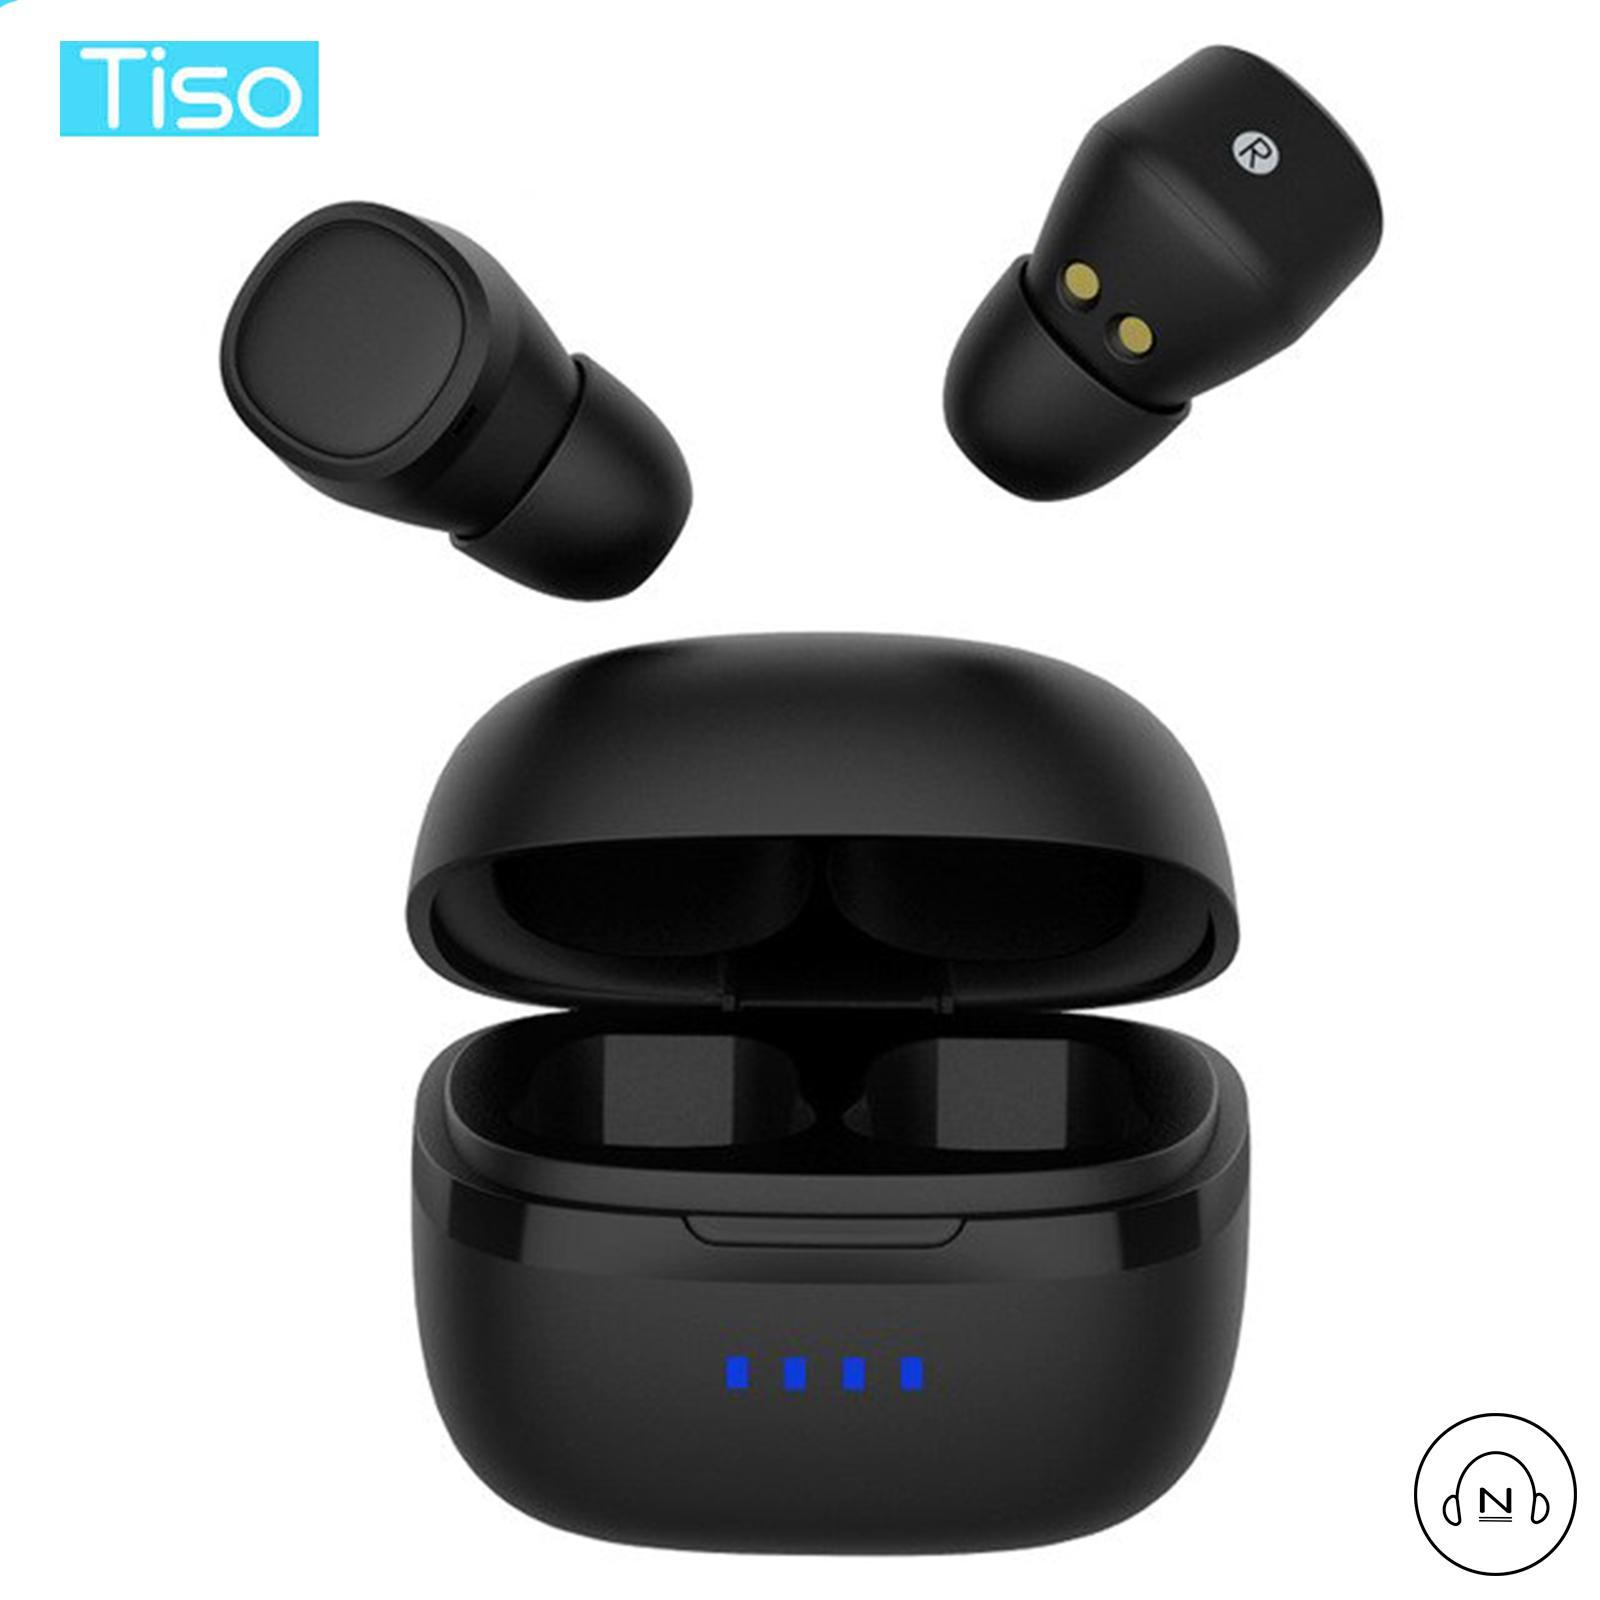 Tai nghe không dây Tiso i5